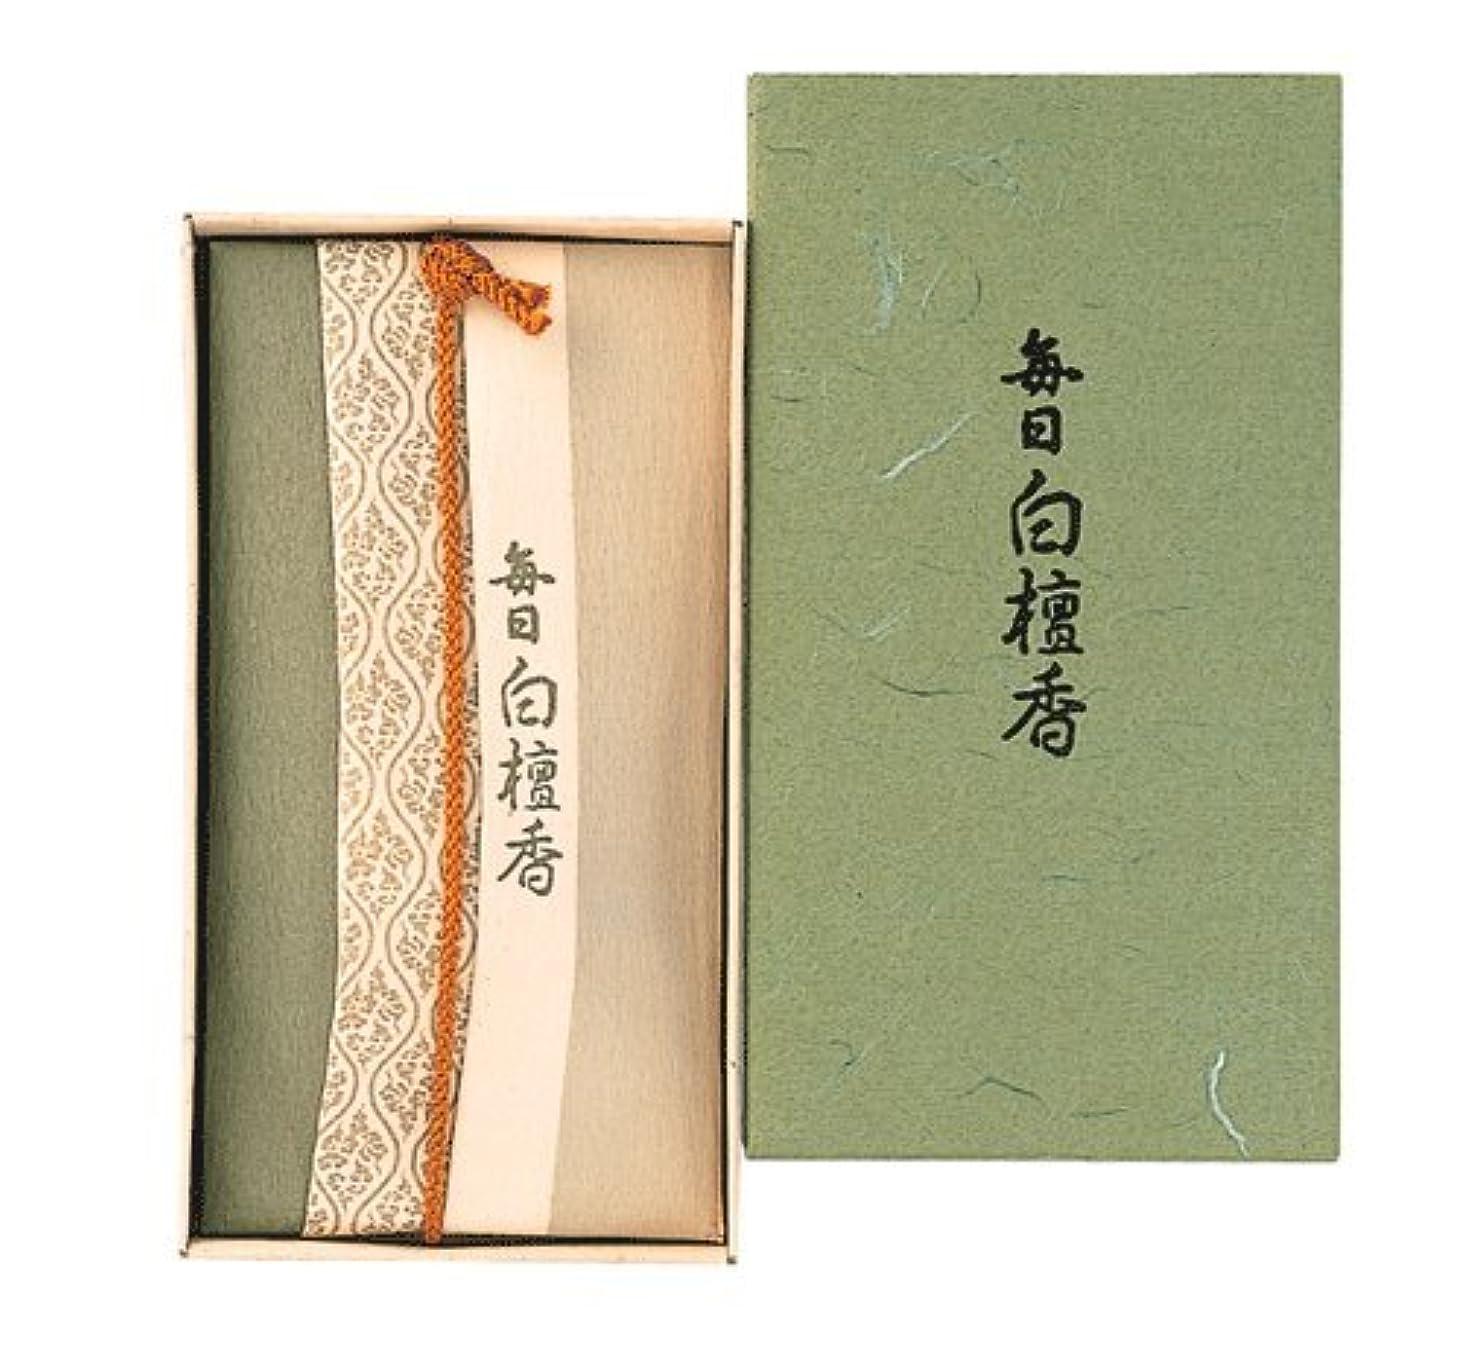 囲い洞察力のある心から香木の香りのお香 毎日白檀香 コーン24個入【お香】